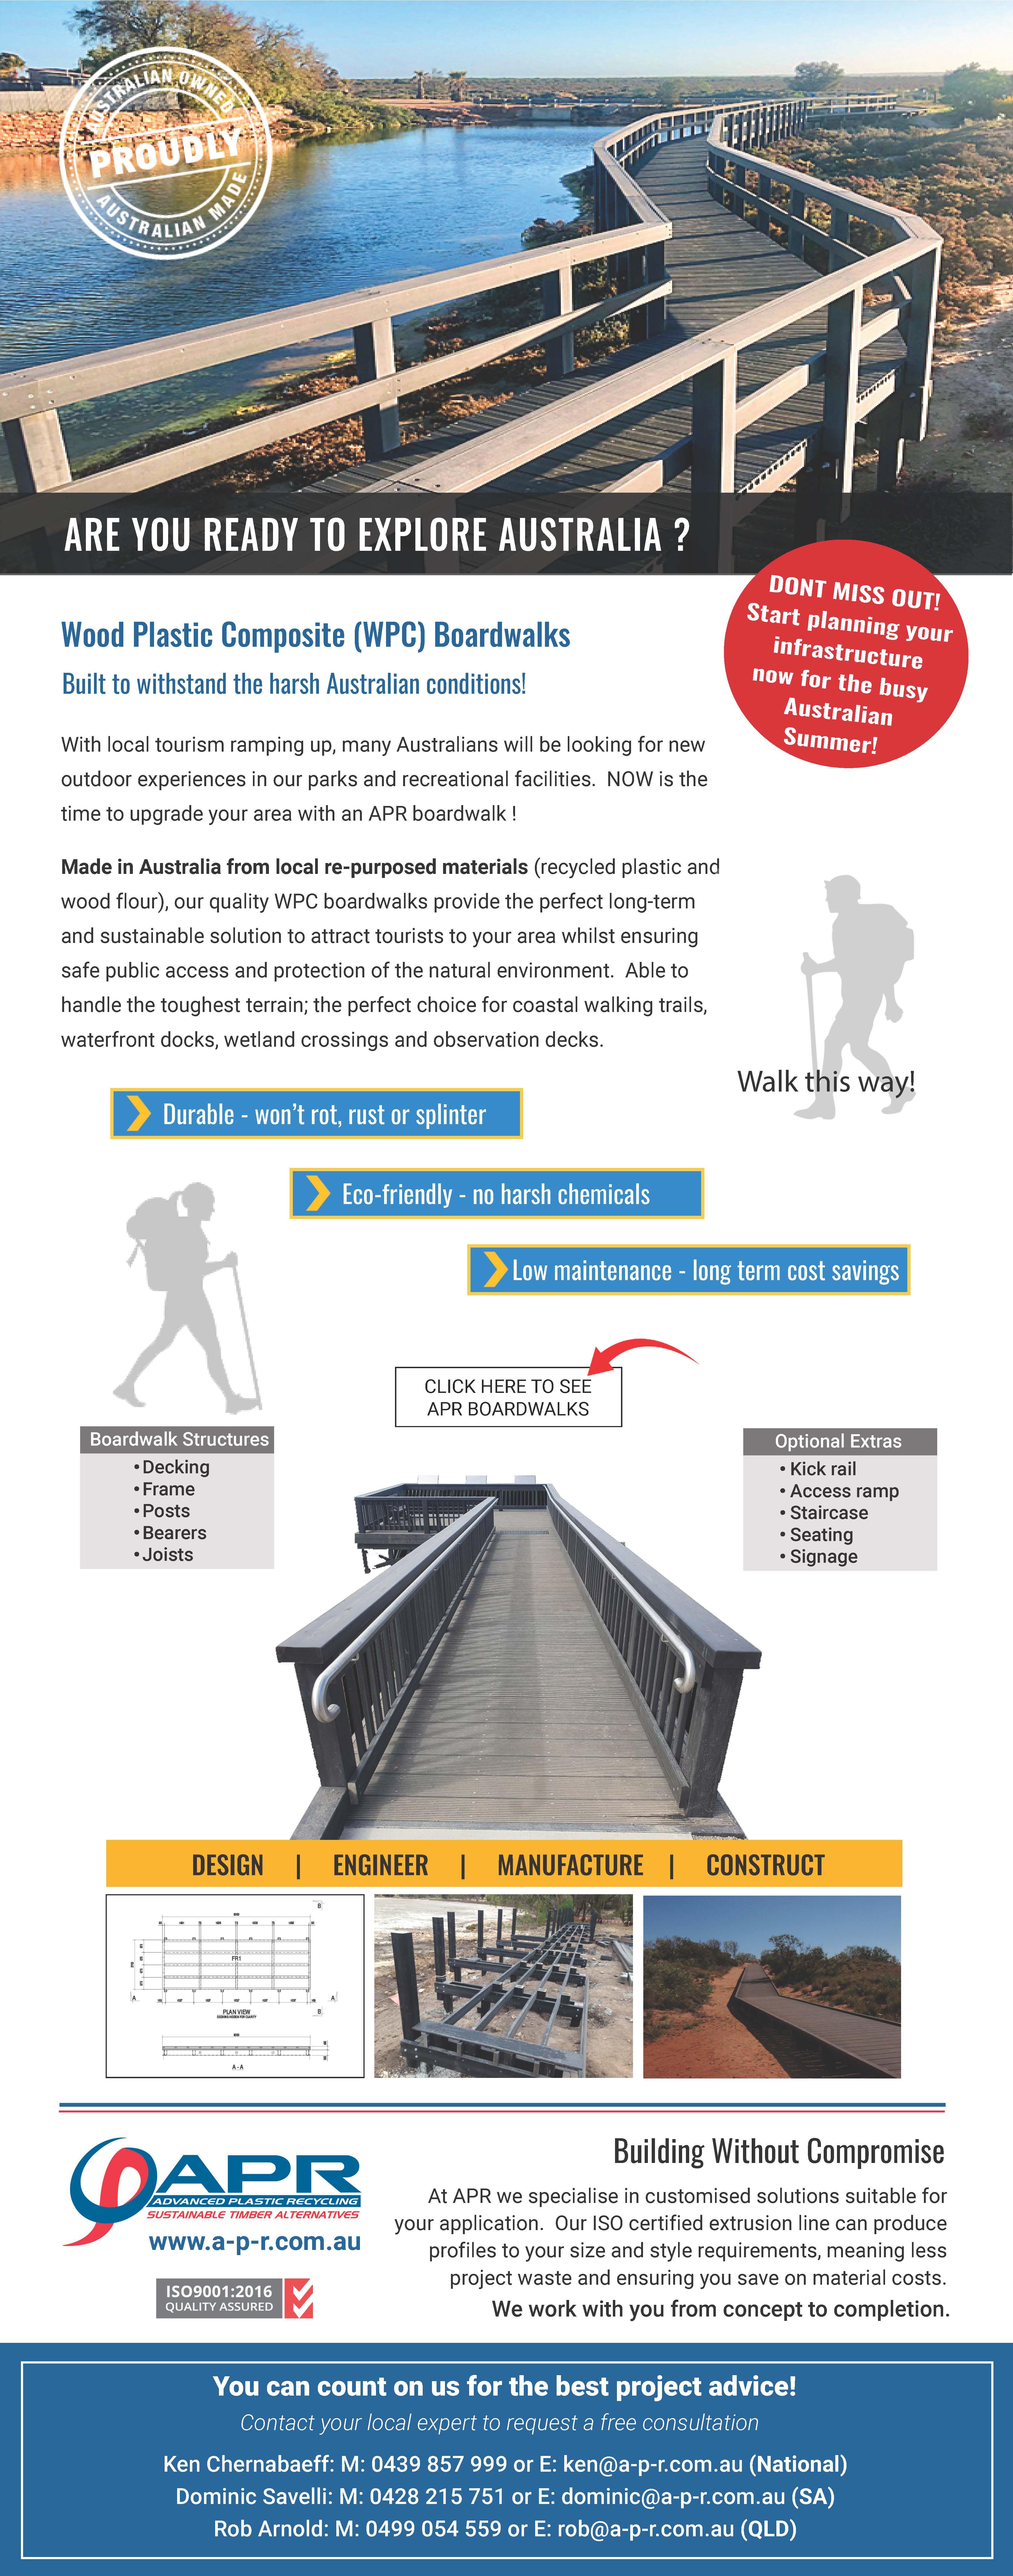 APR Boardwalks